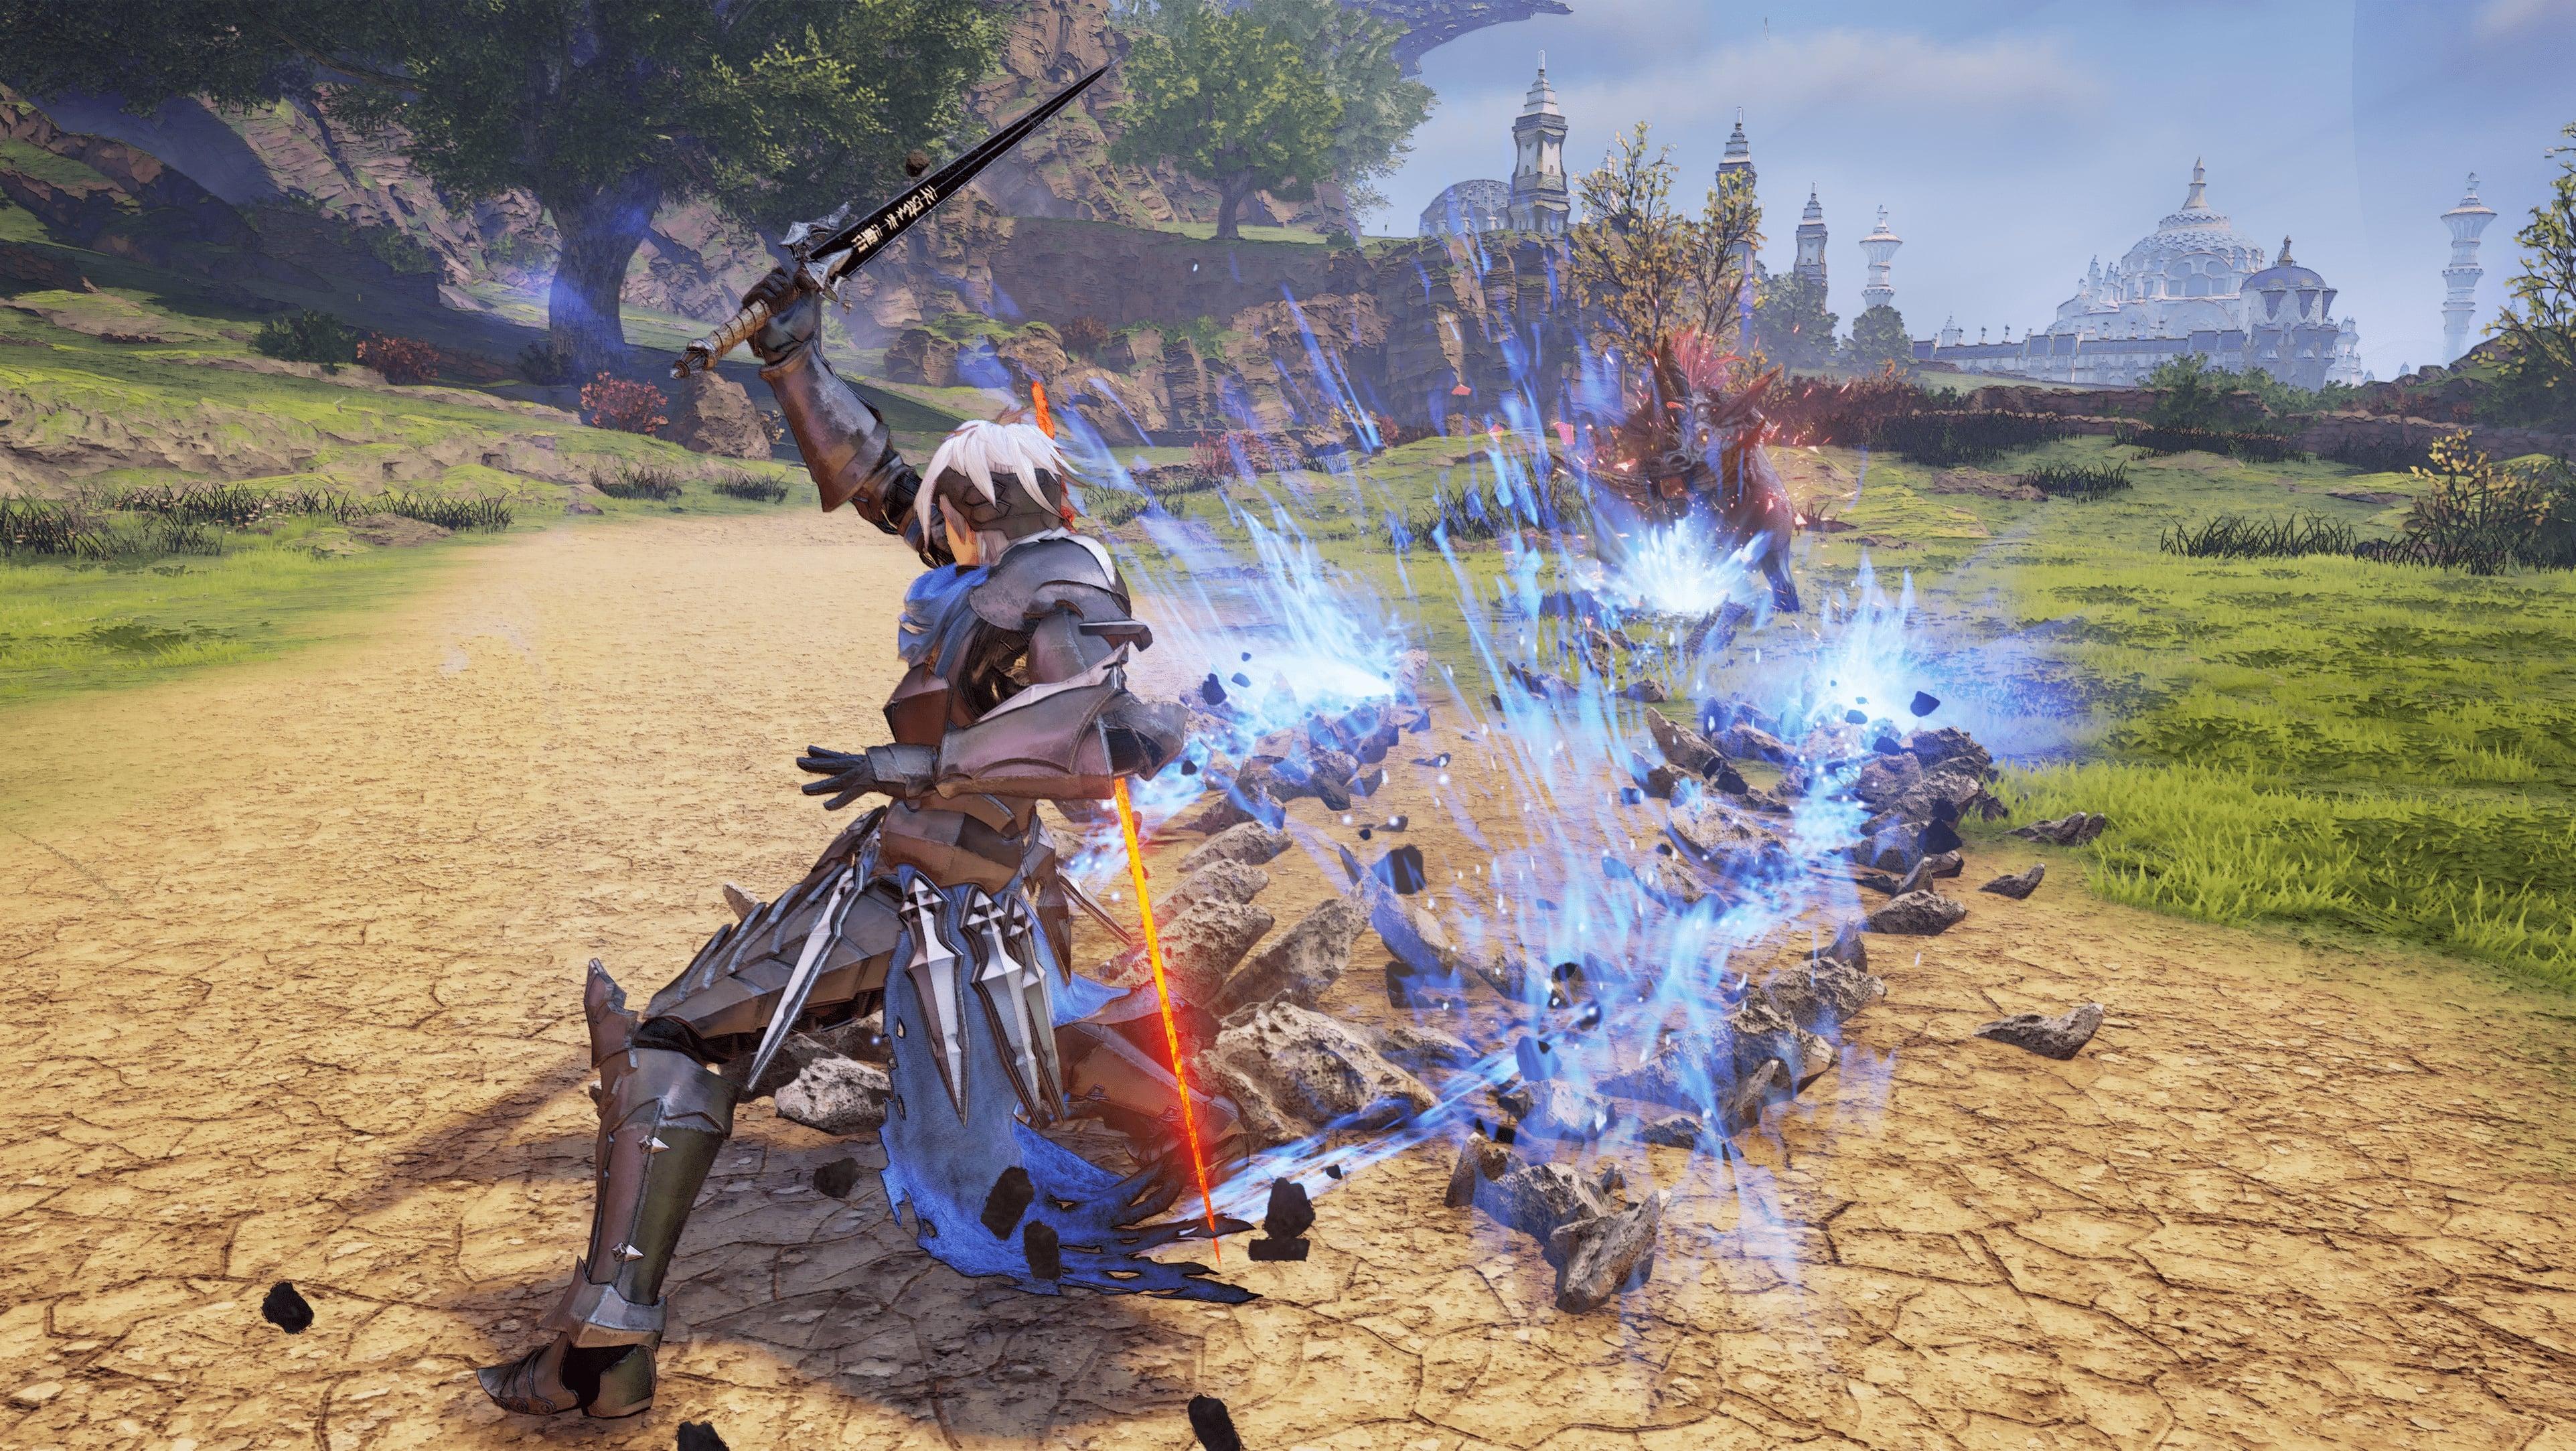 Подборка скриншотов Tales of Arise показывает, как игра выглядит на PS5 и Xbox Series X